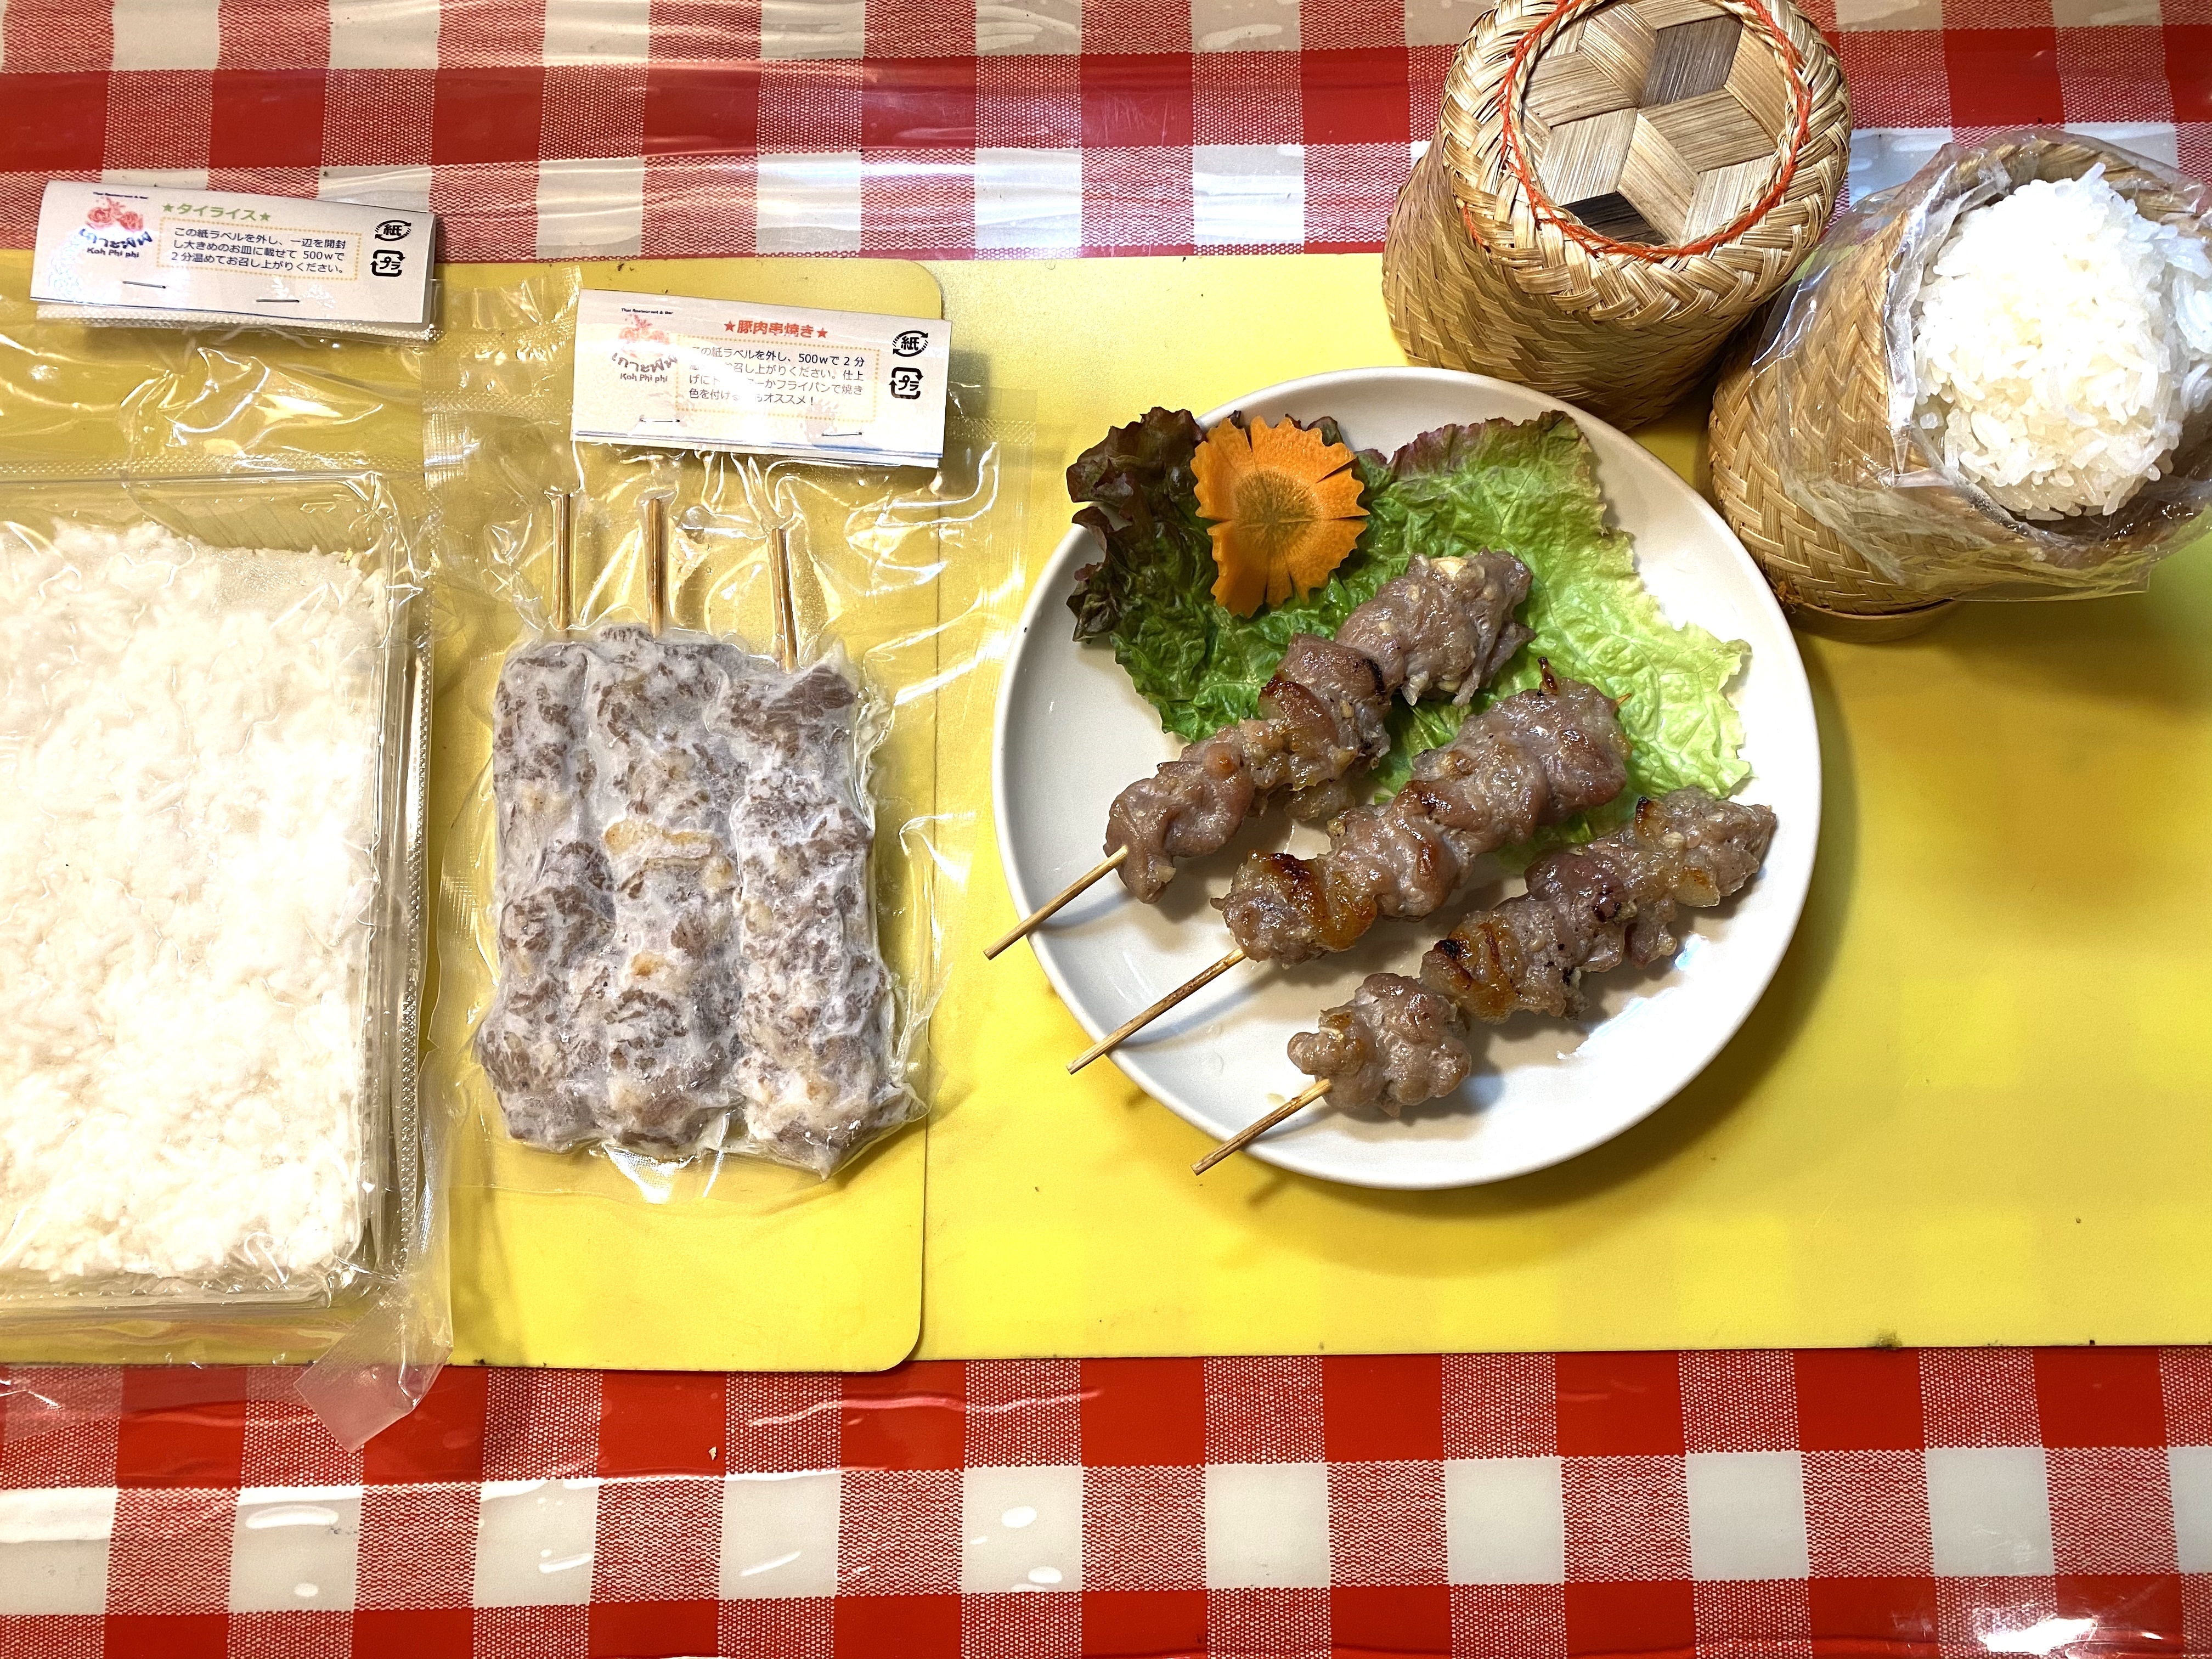 豚肉炙り焼き(ムーピン)ともち米冷凍パウチセット